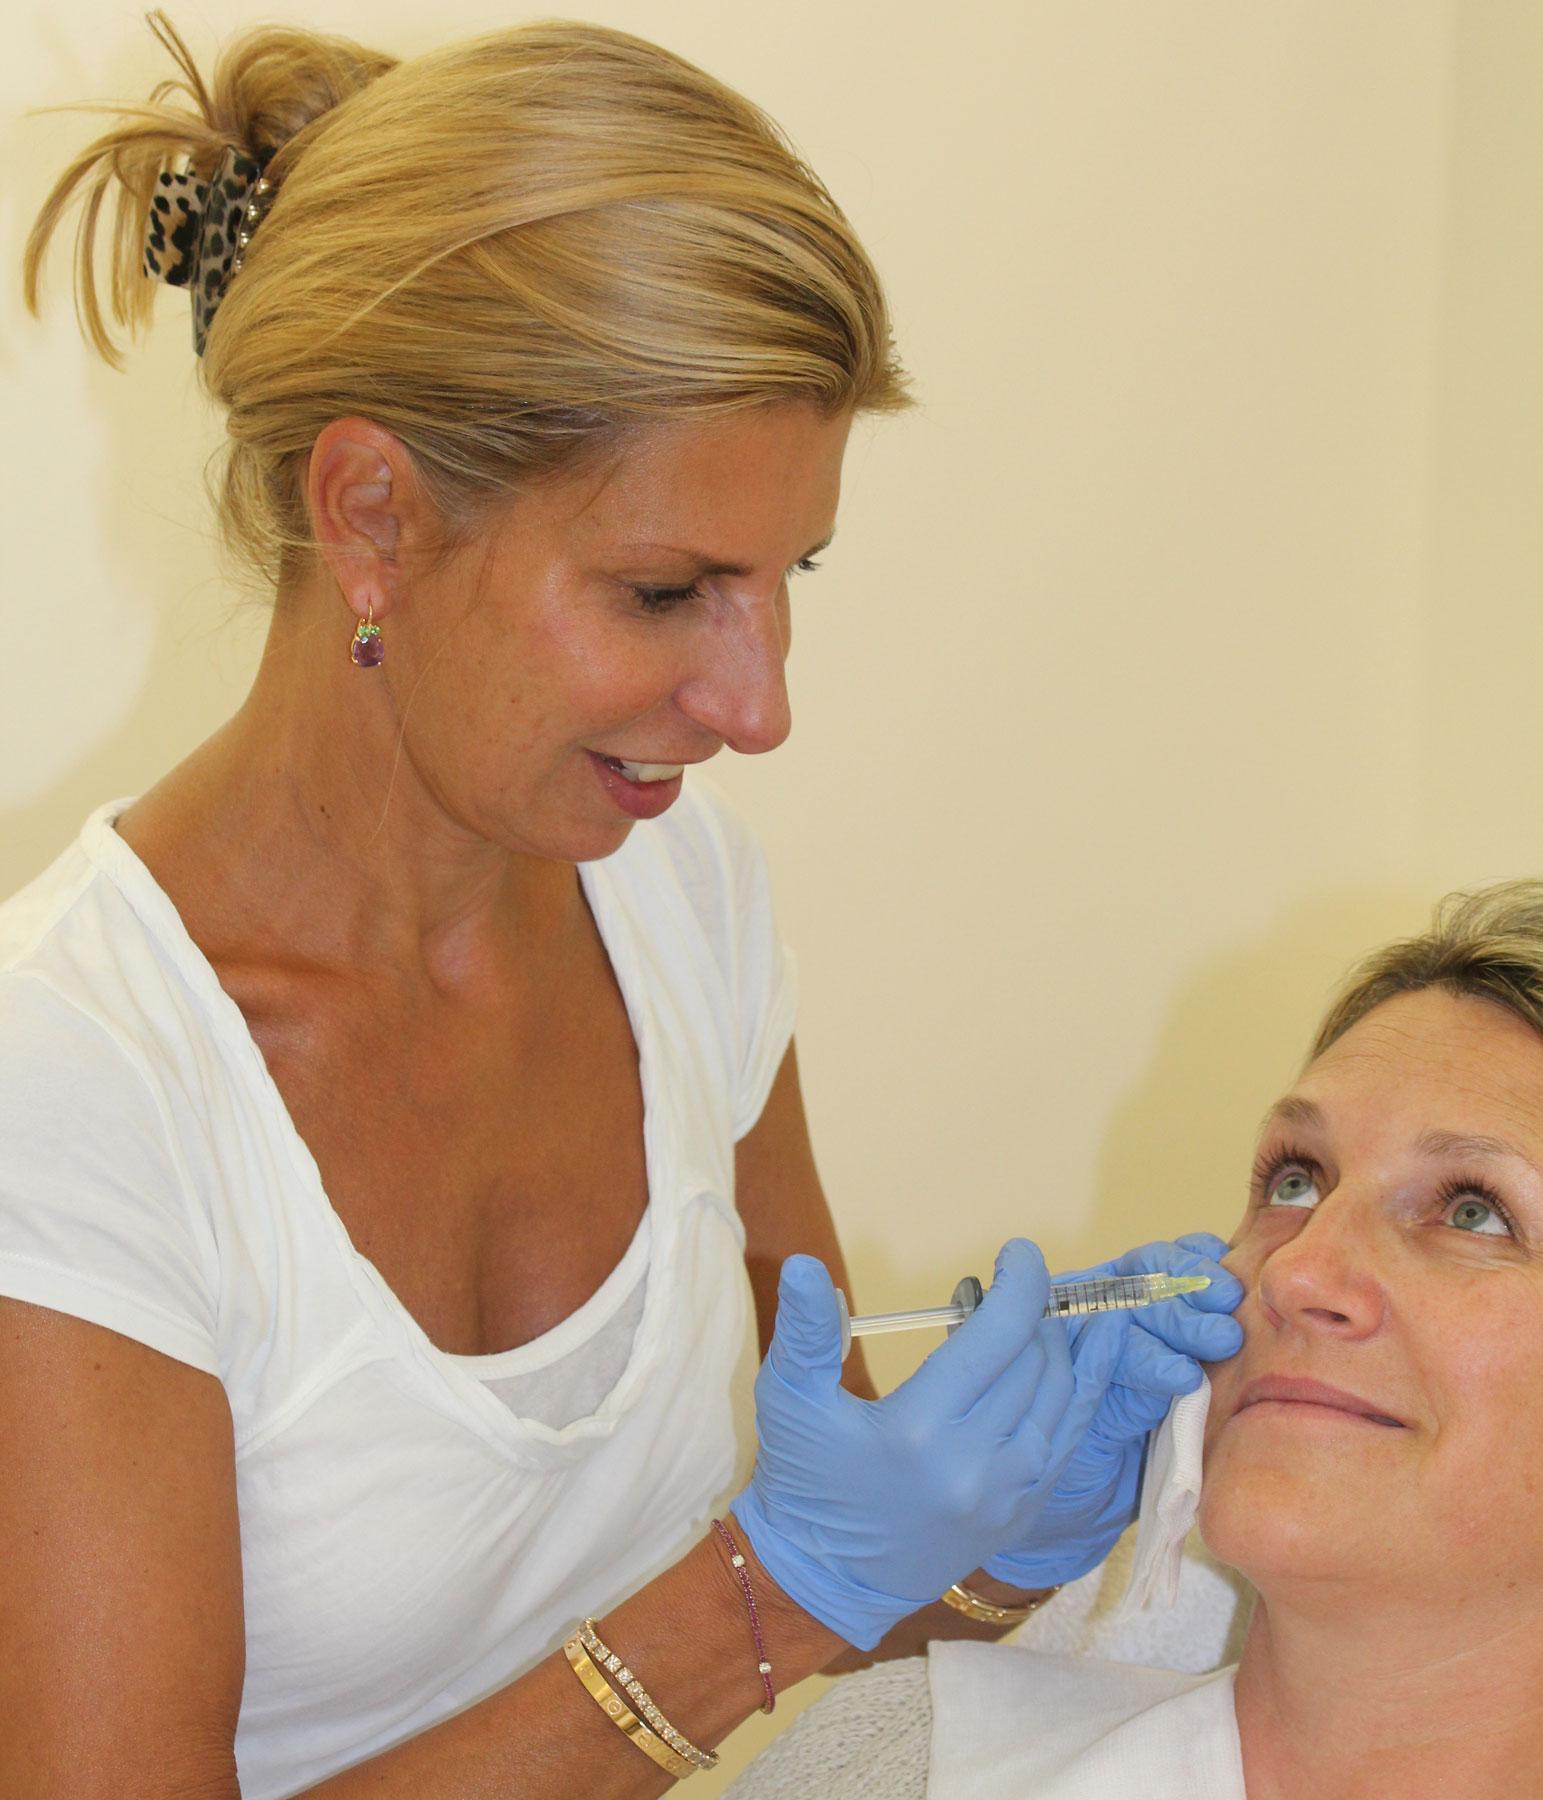 Unterspritzung Augenringe bei Wallentin Wien